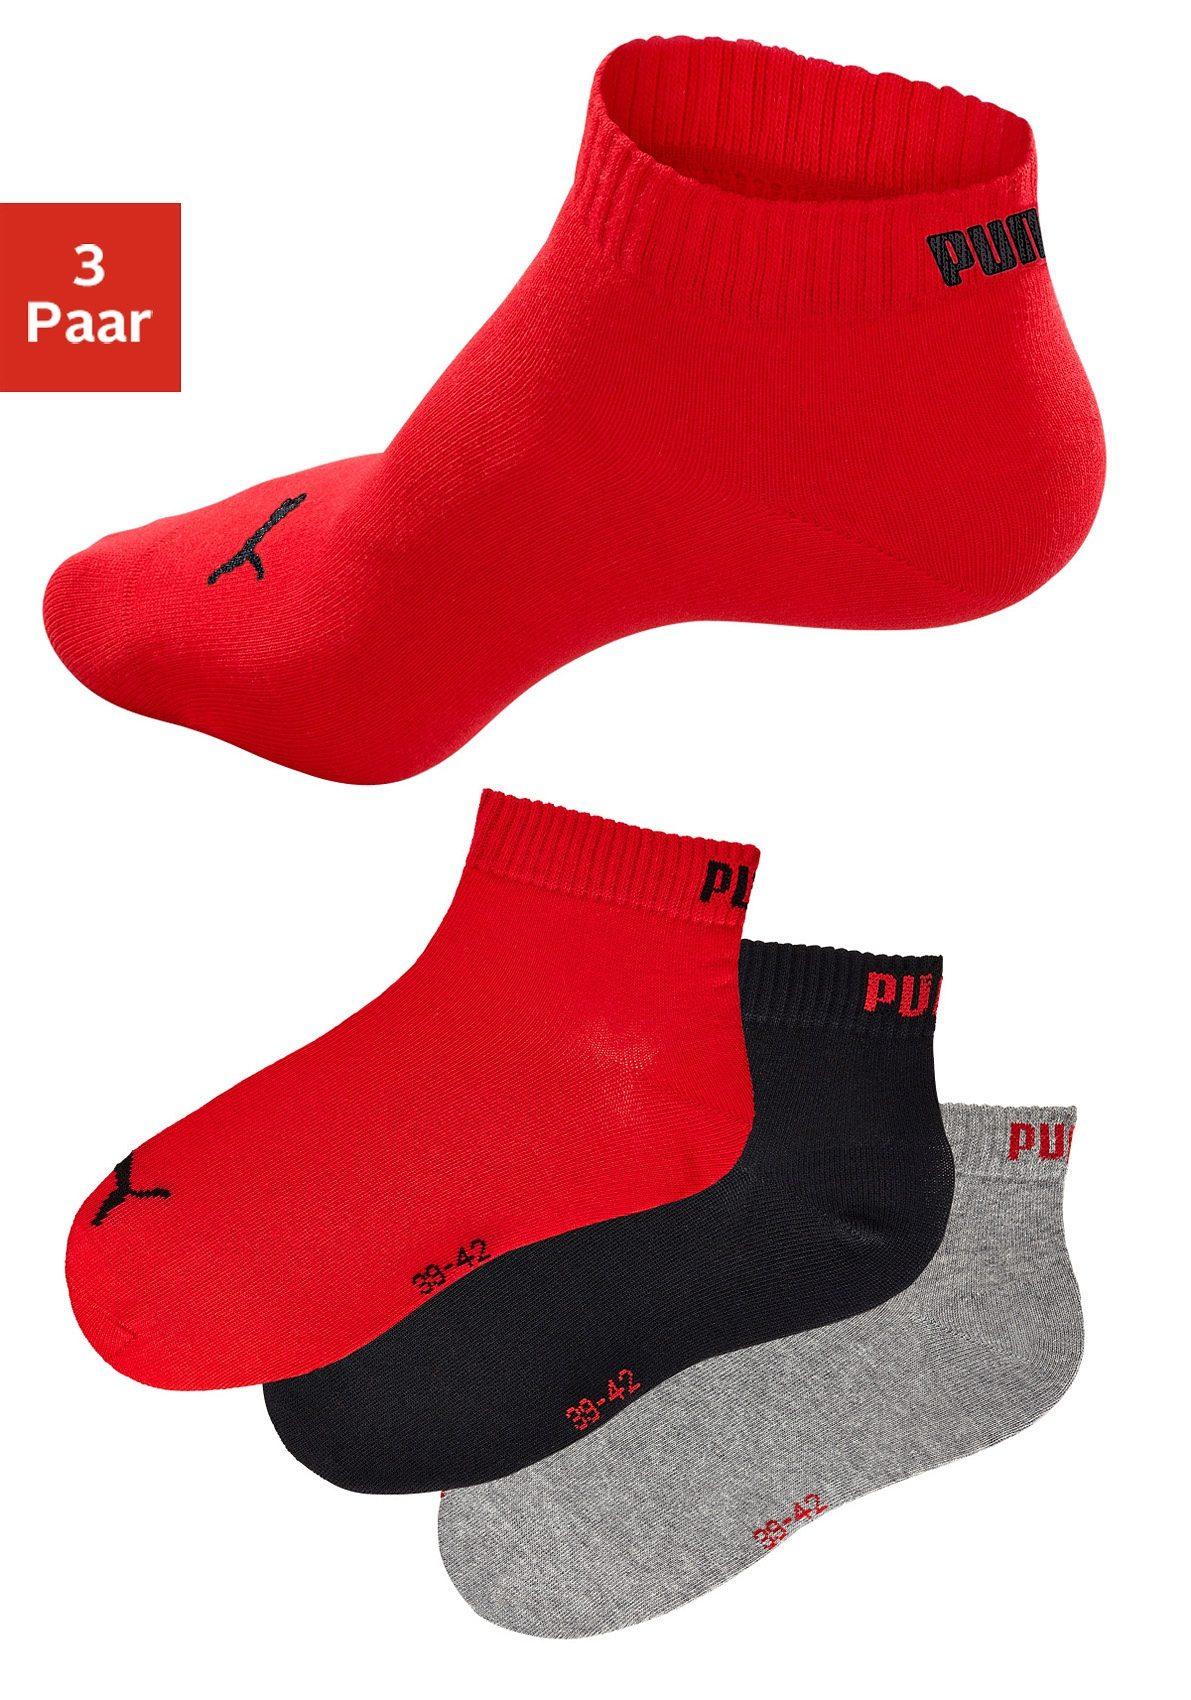 6 Paar Puma Sneaker Invisible Socken Gr. 35 49 Unisex für